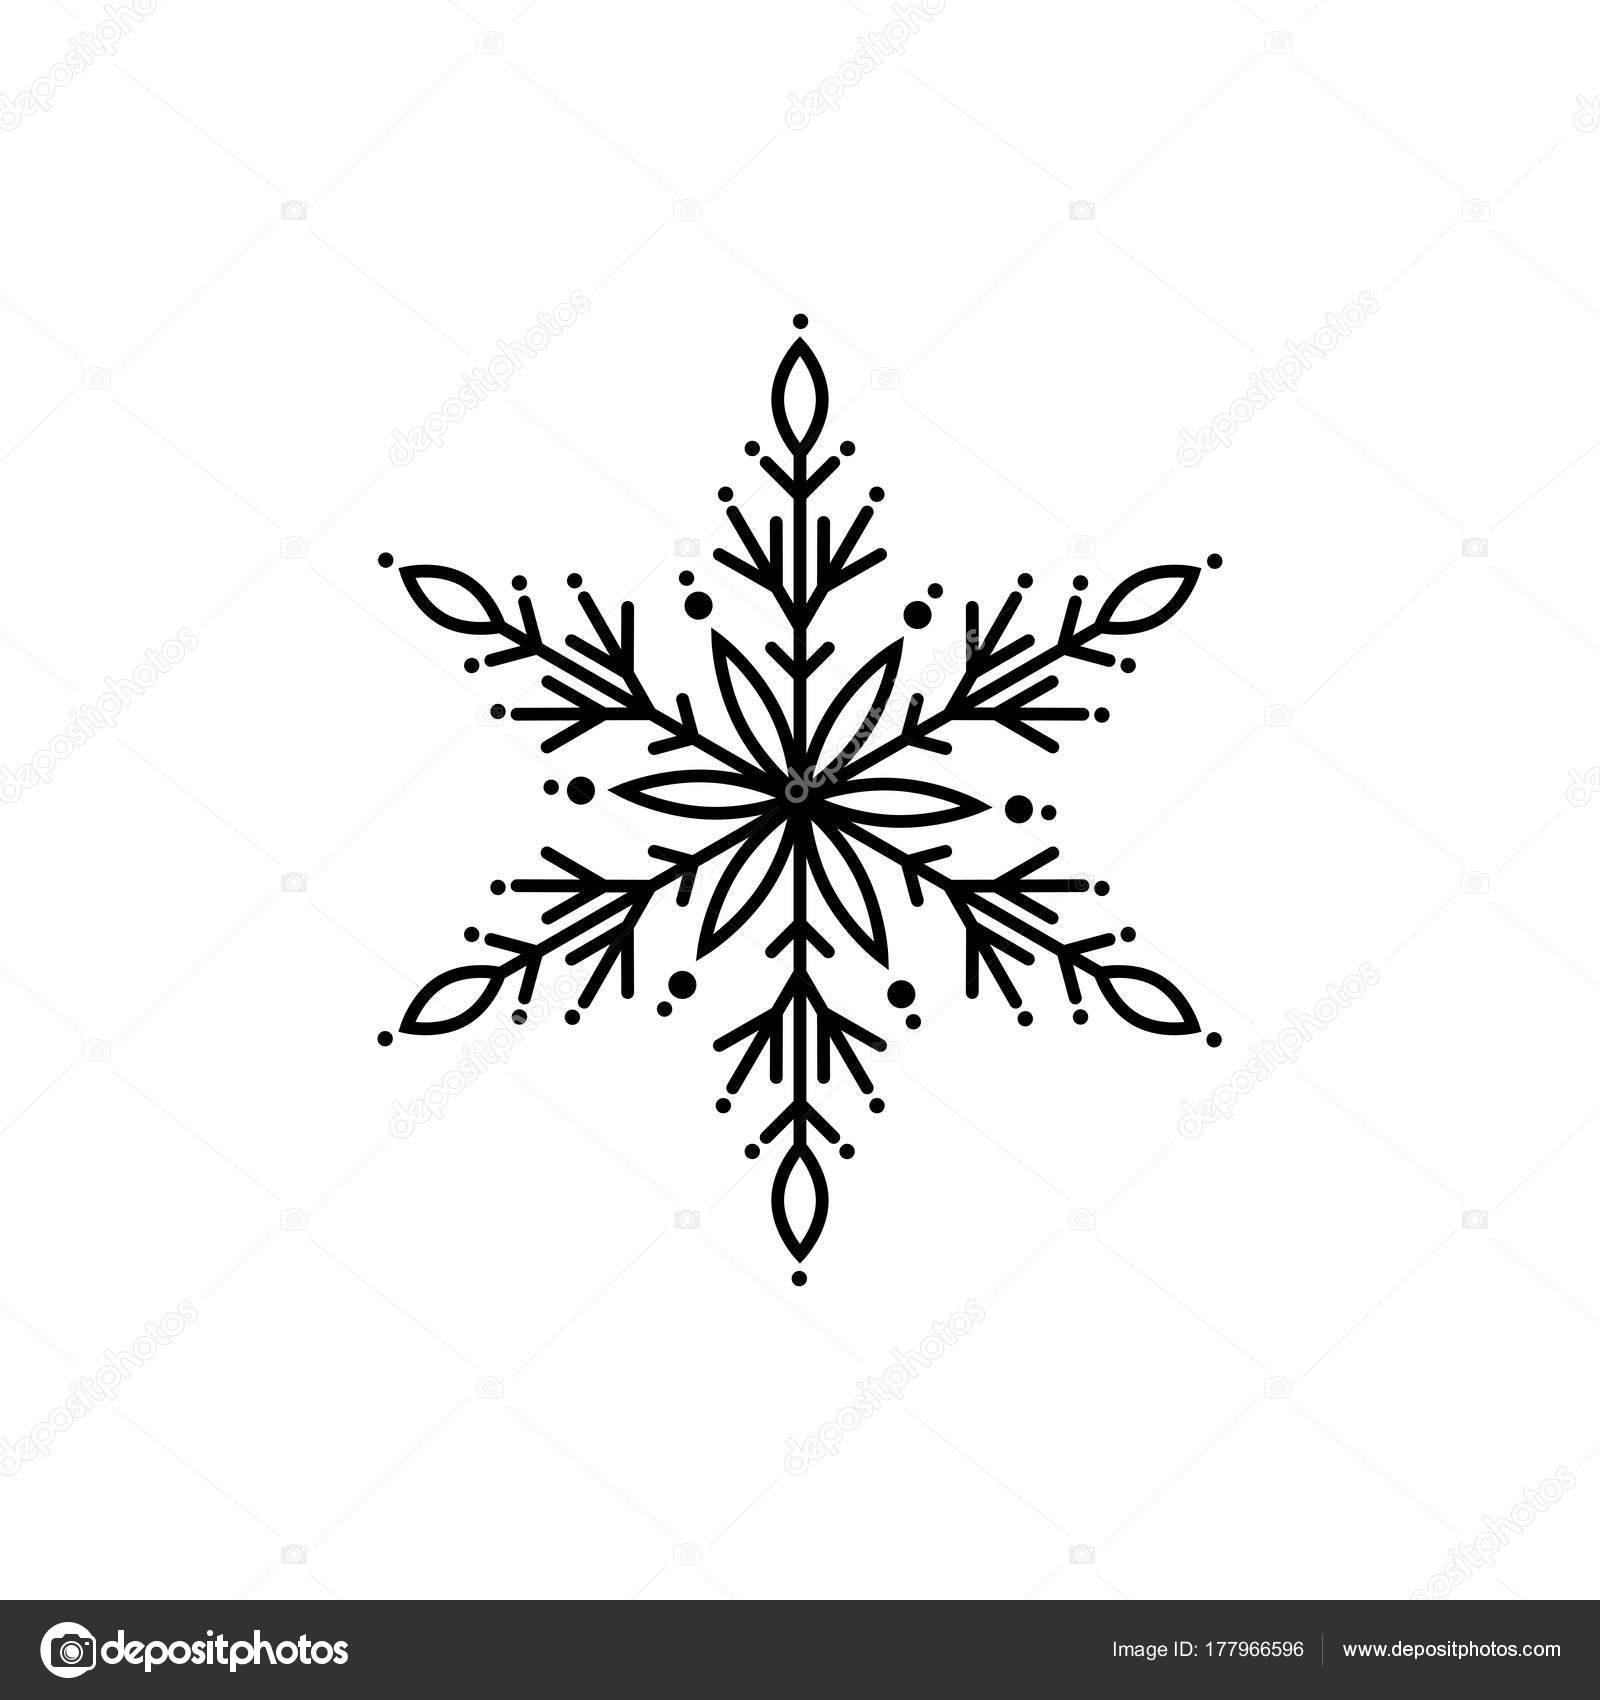 schwarze flache bersicht schneeflocke symbol isoliert auf. Black Bedroom Furniture Sets. Home Design Ideas